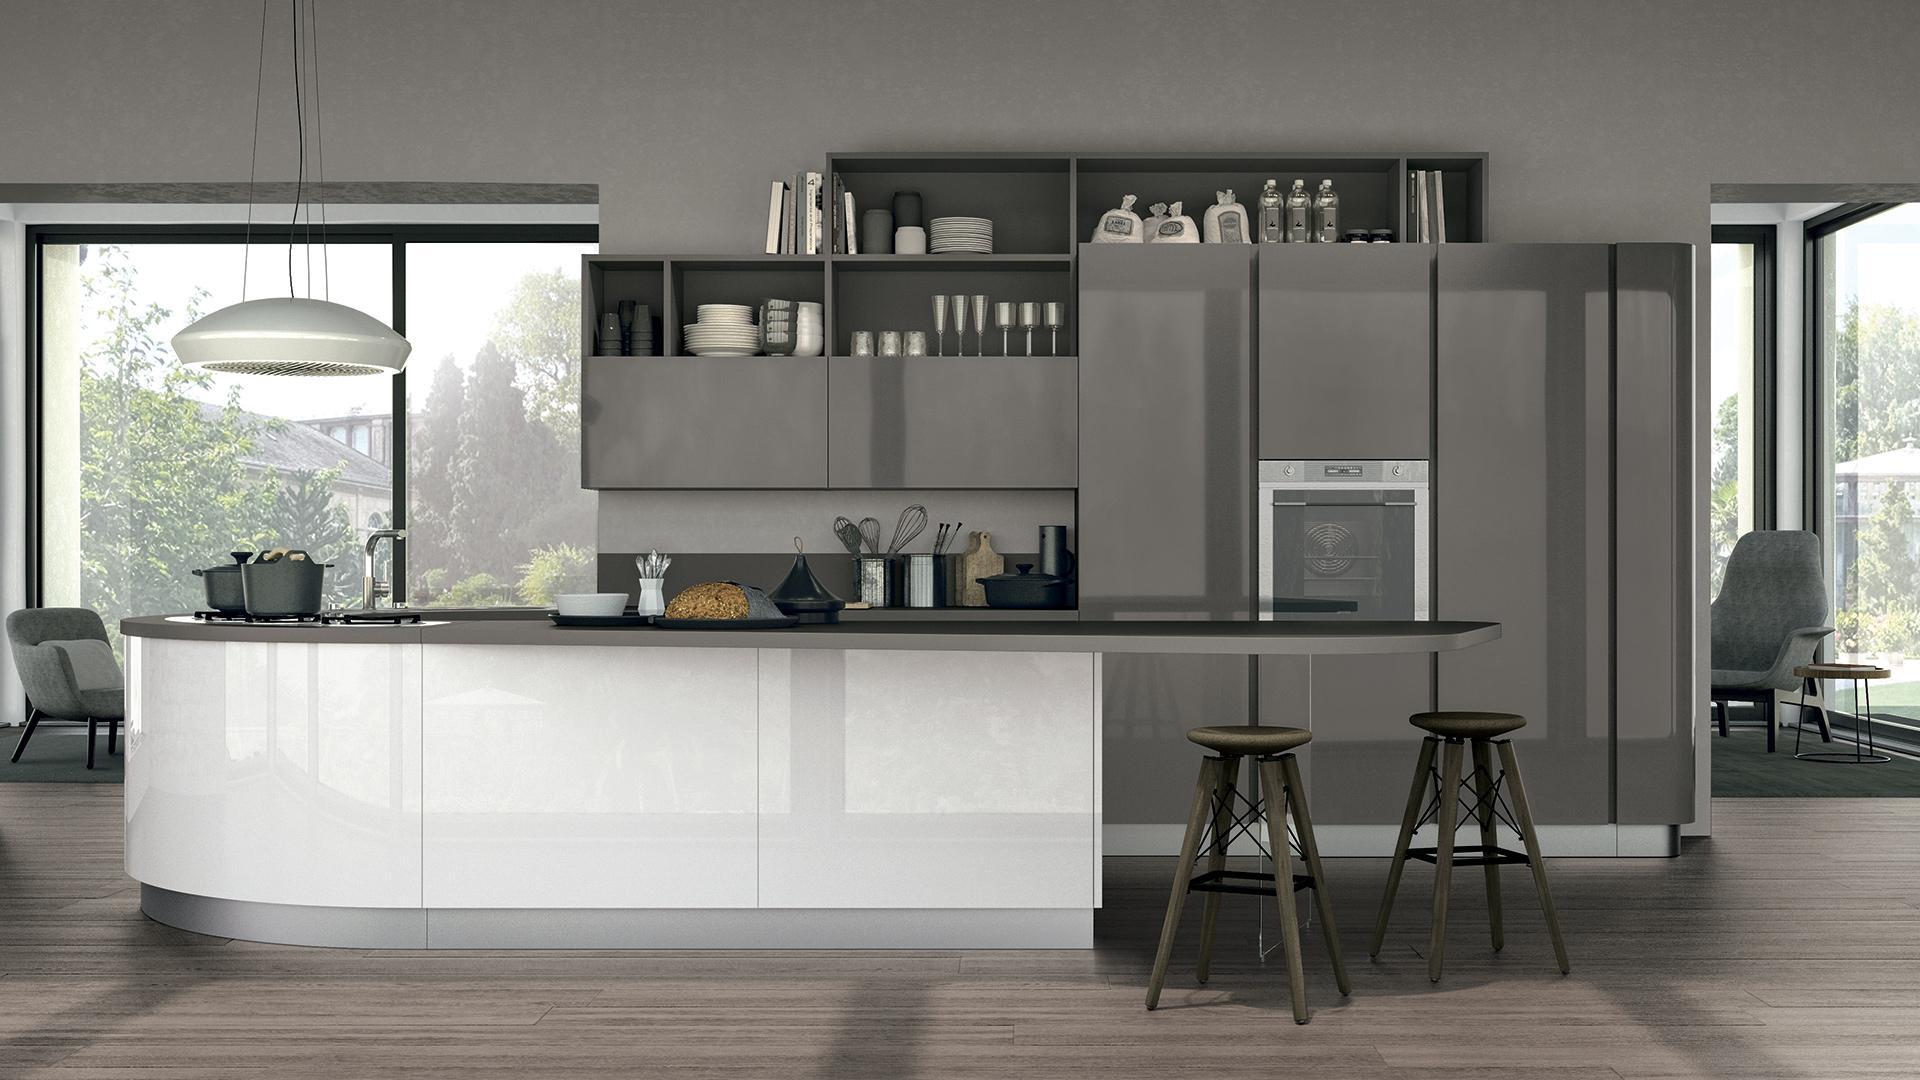 Illuminazione Cucina Buia : Arredare una cucina buia tutti i consigli per renderla più